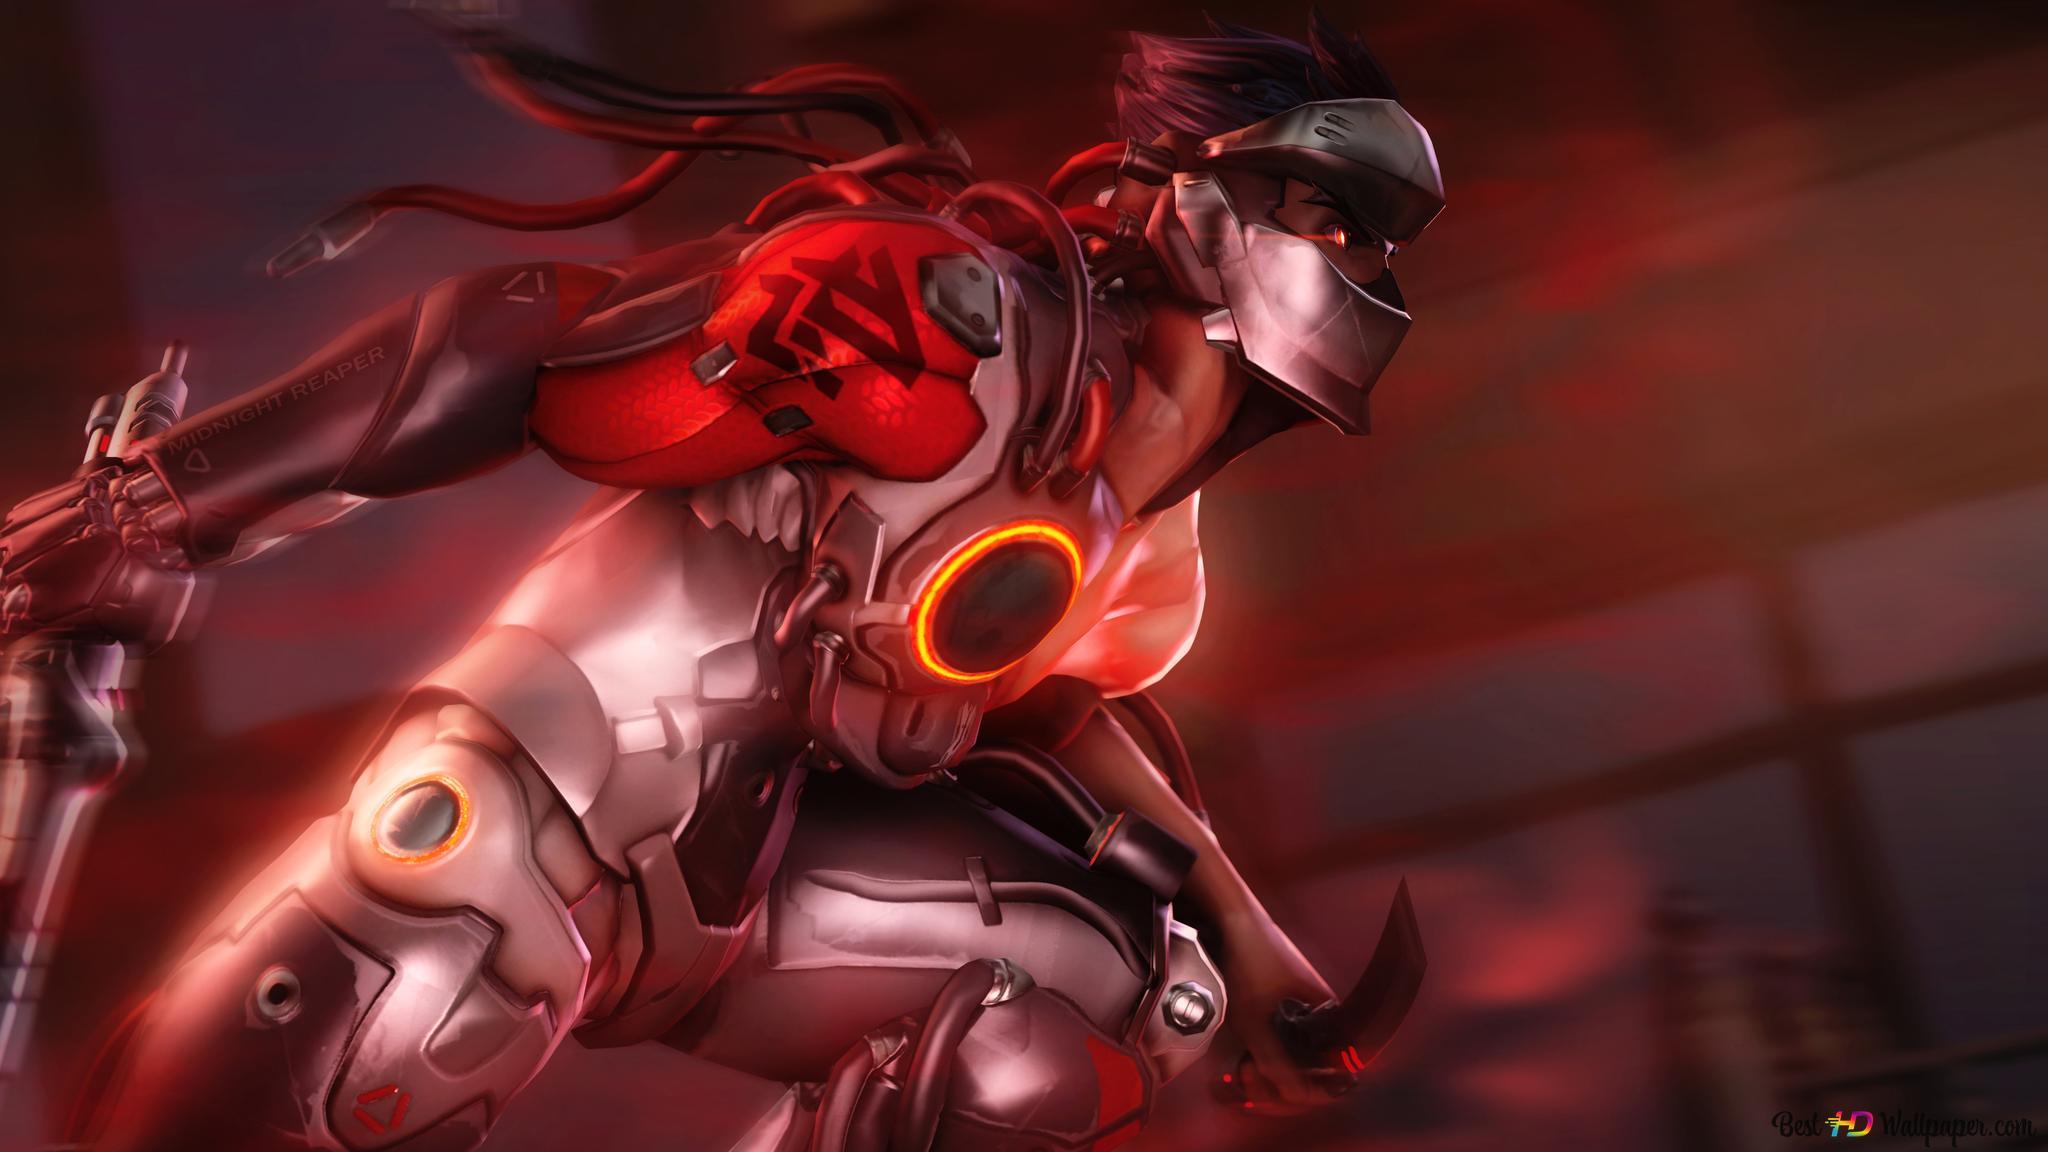 Overwatch Video Game Ninja Genji Fanart Hd Wallpaper Download